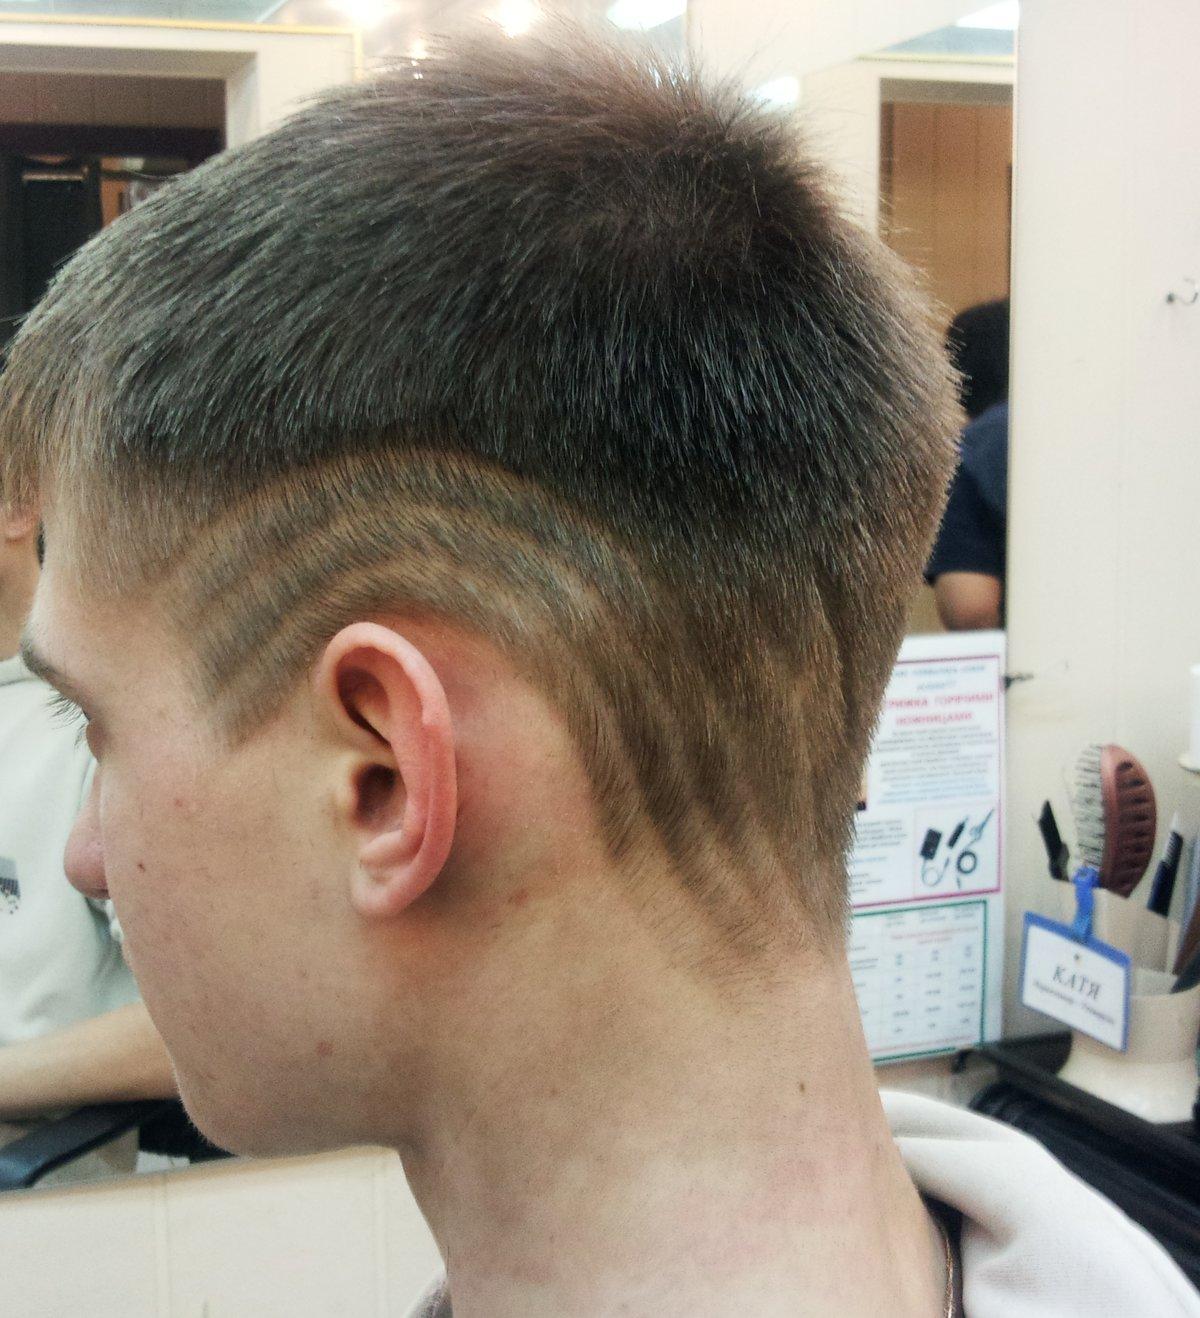 Стрижки узоры на голове фото